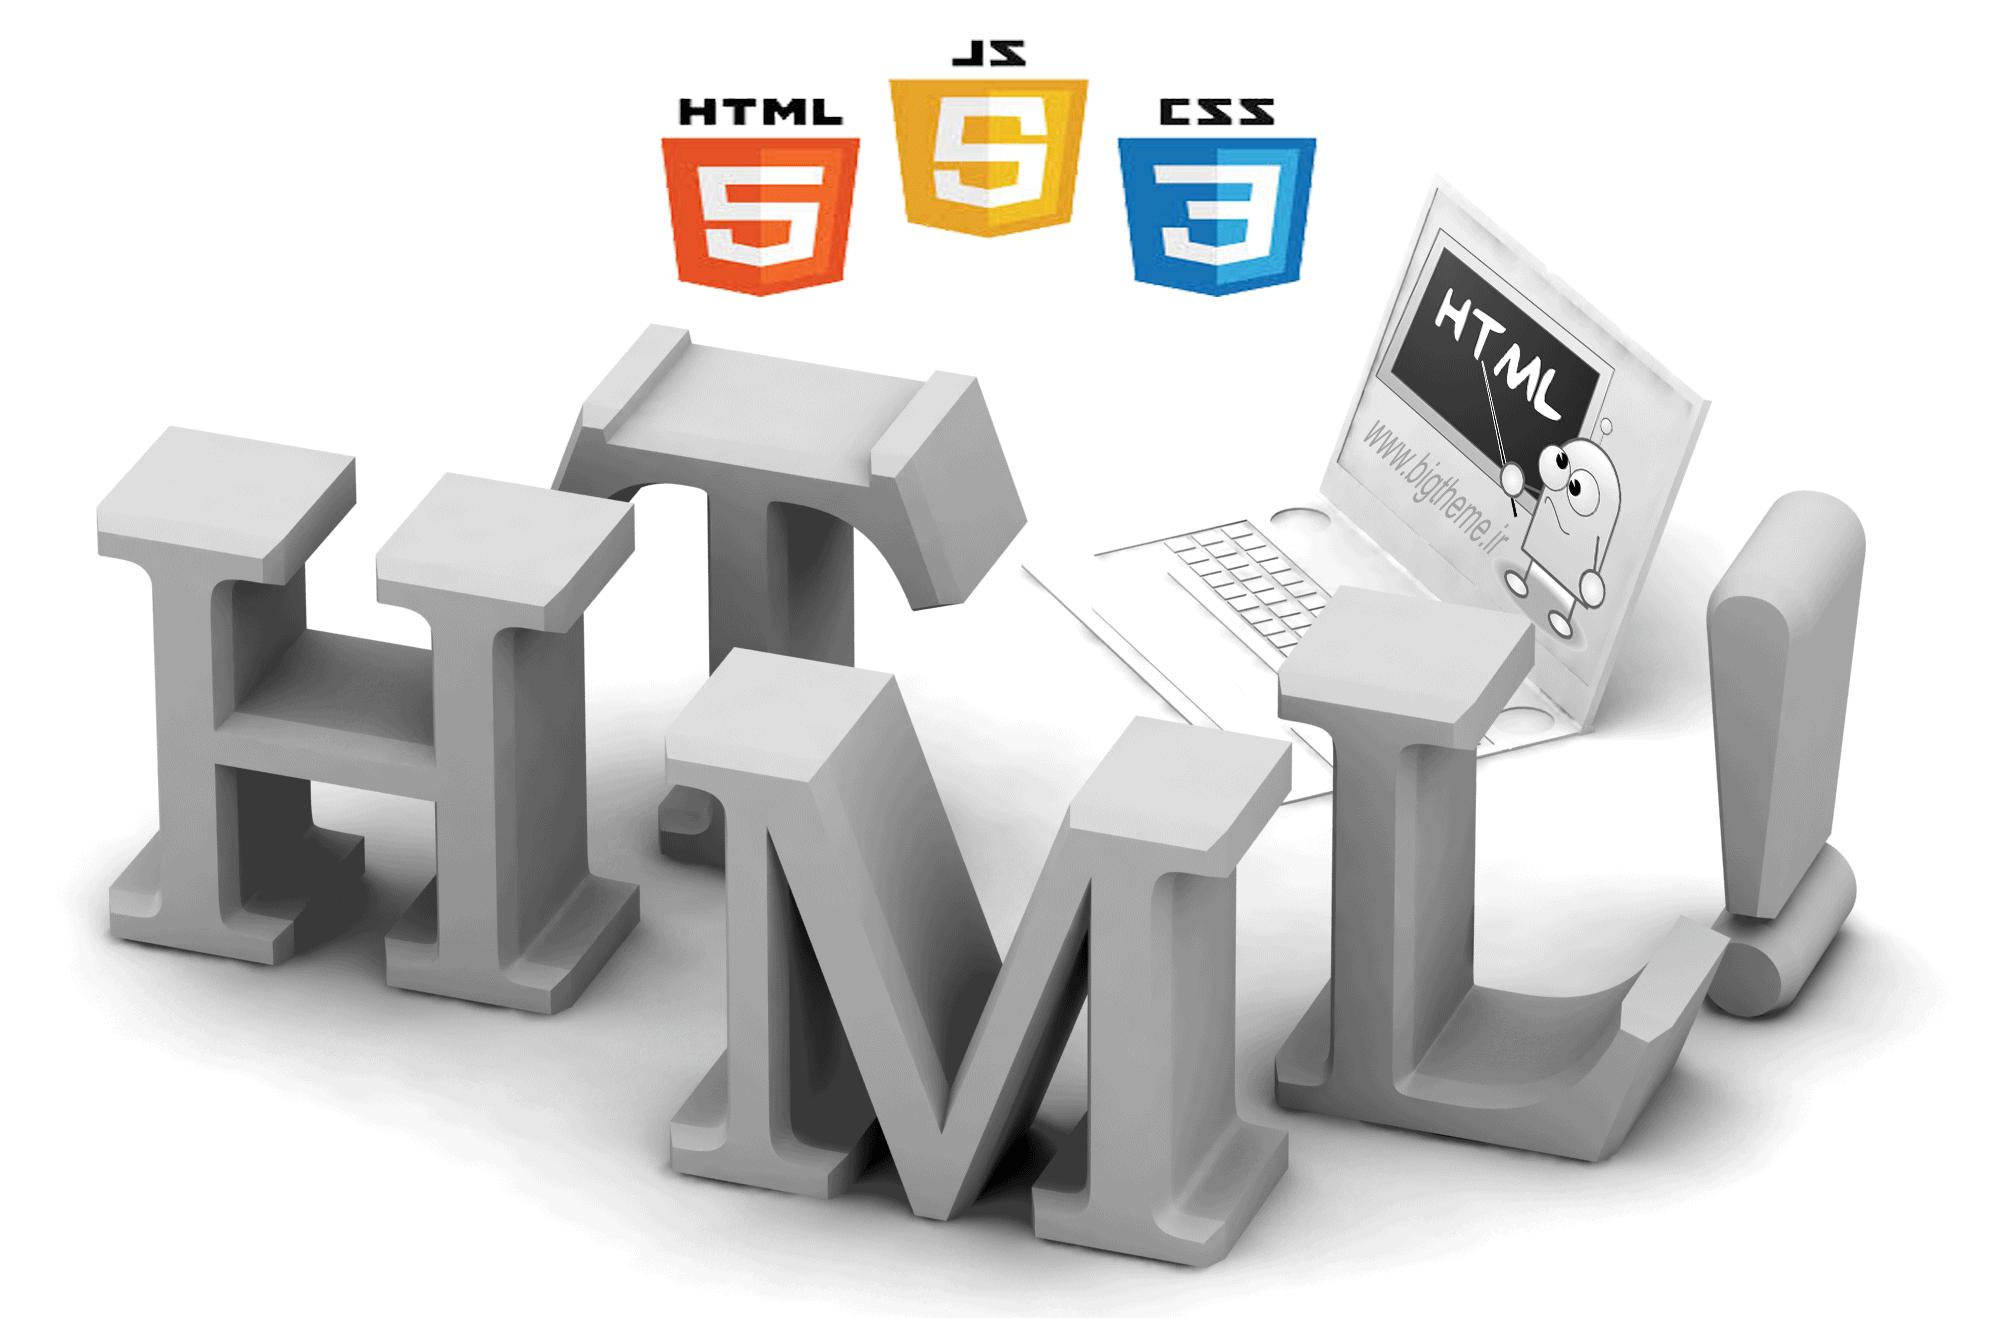 html access keys - آموزش طراحی سایت